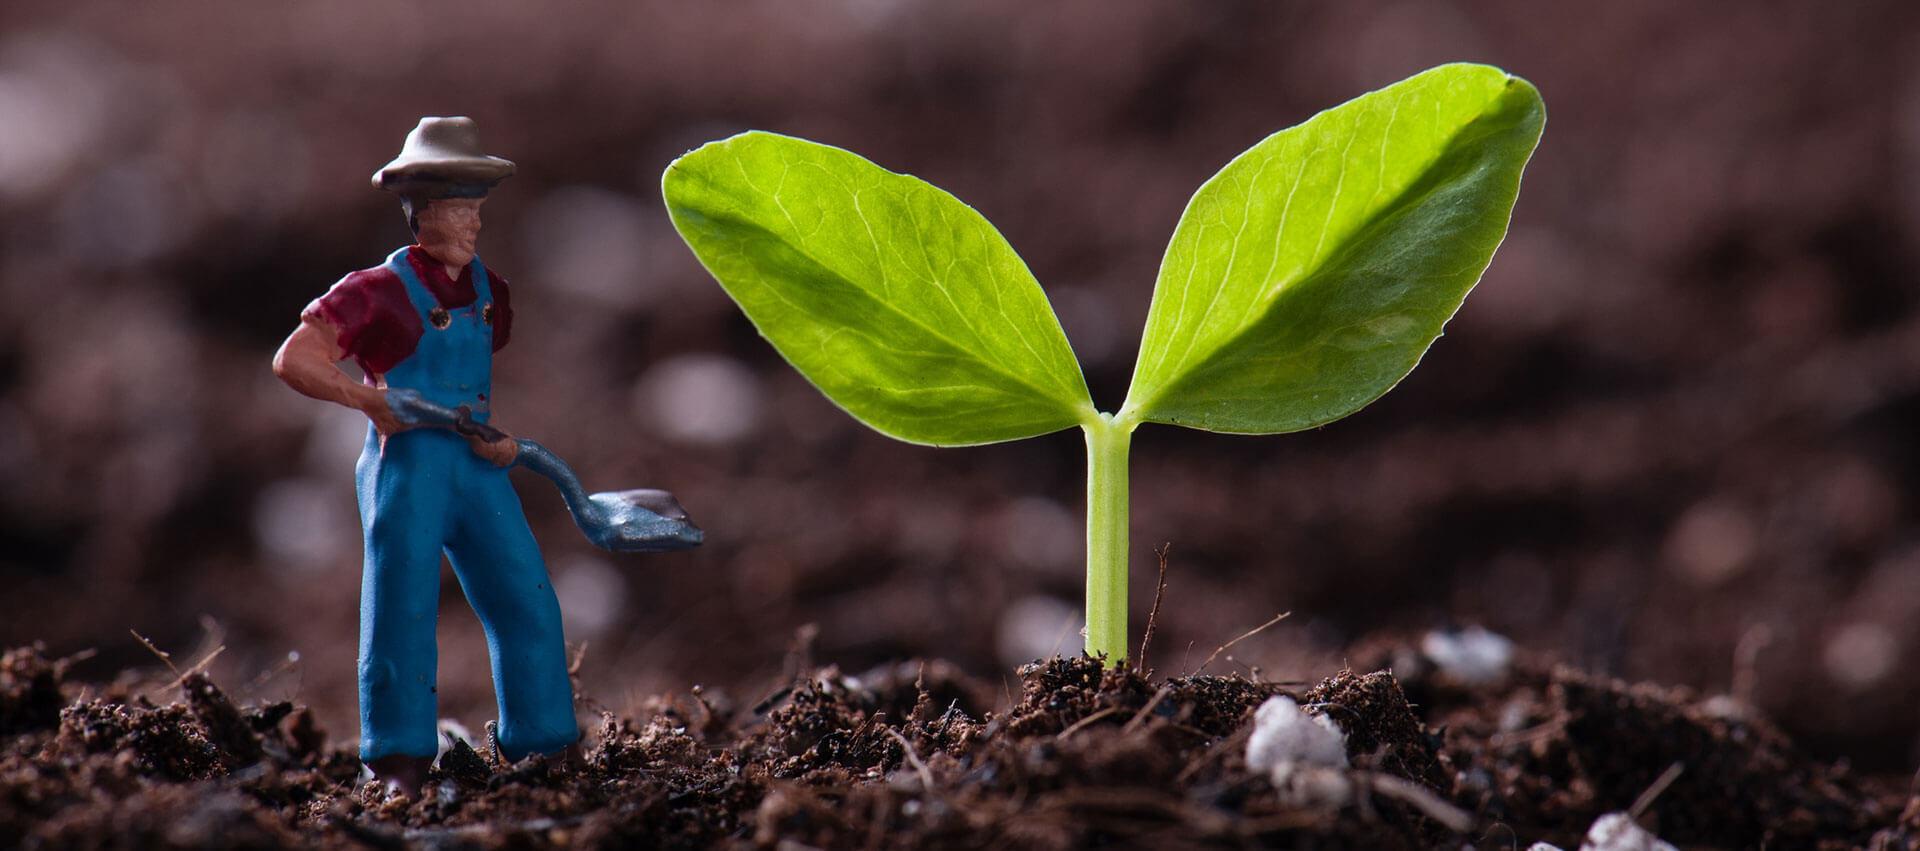 Gärtner pflanzt Pflanze